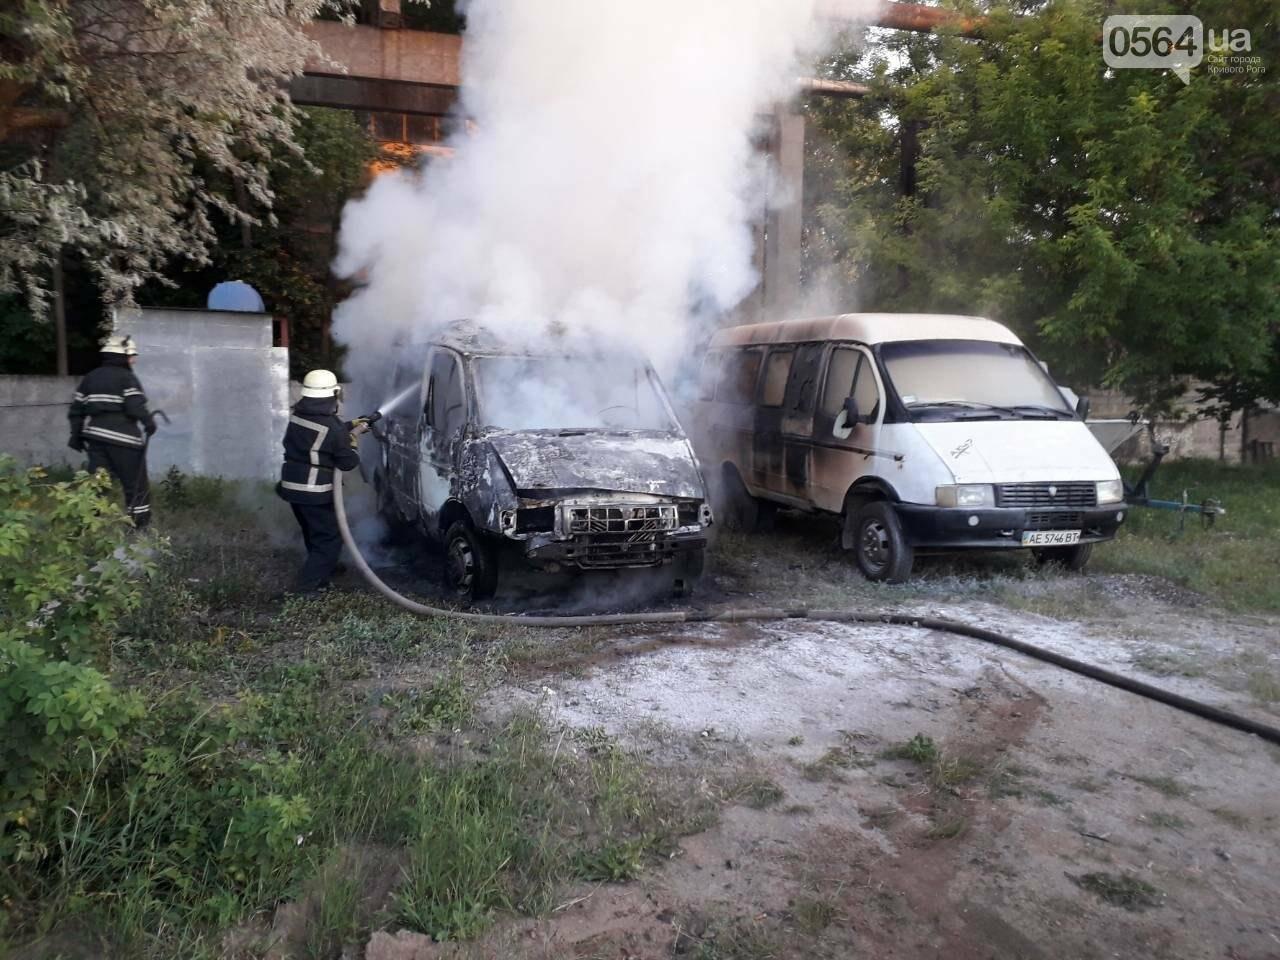 В Кривом Роге вечером сгорели два микроавтобуса, - ФОТО, фото-1